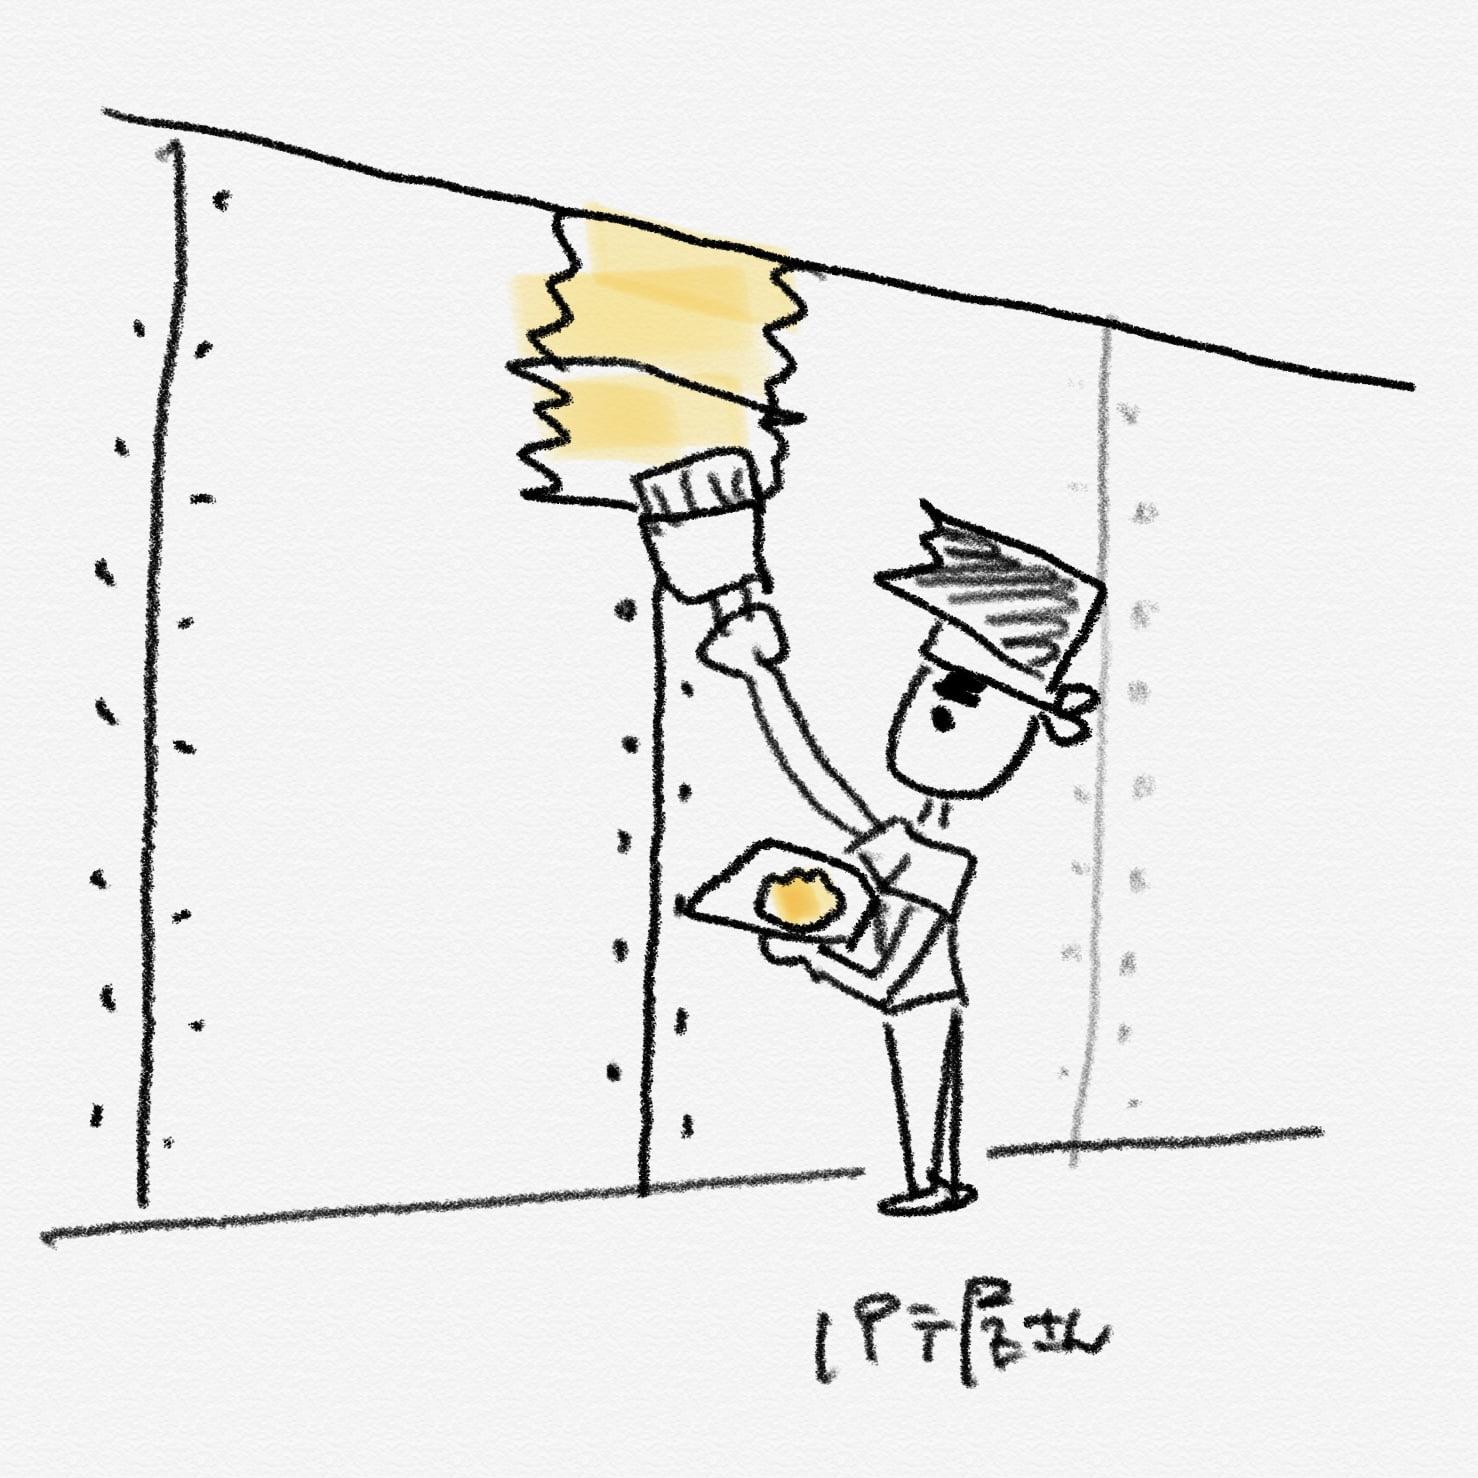 パテ屋さんがパテ処理をする。